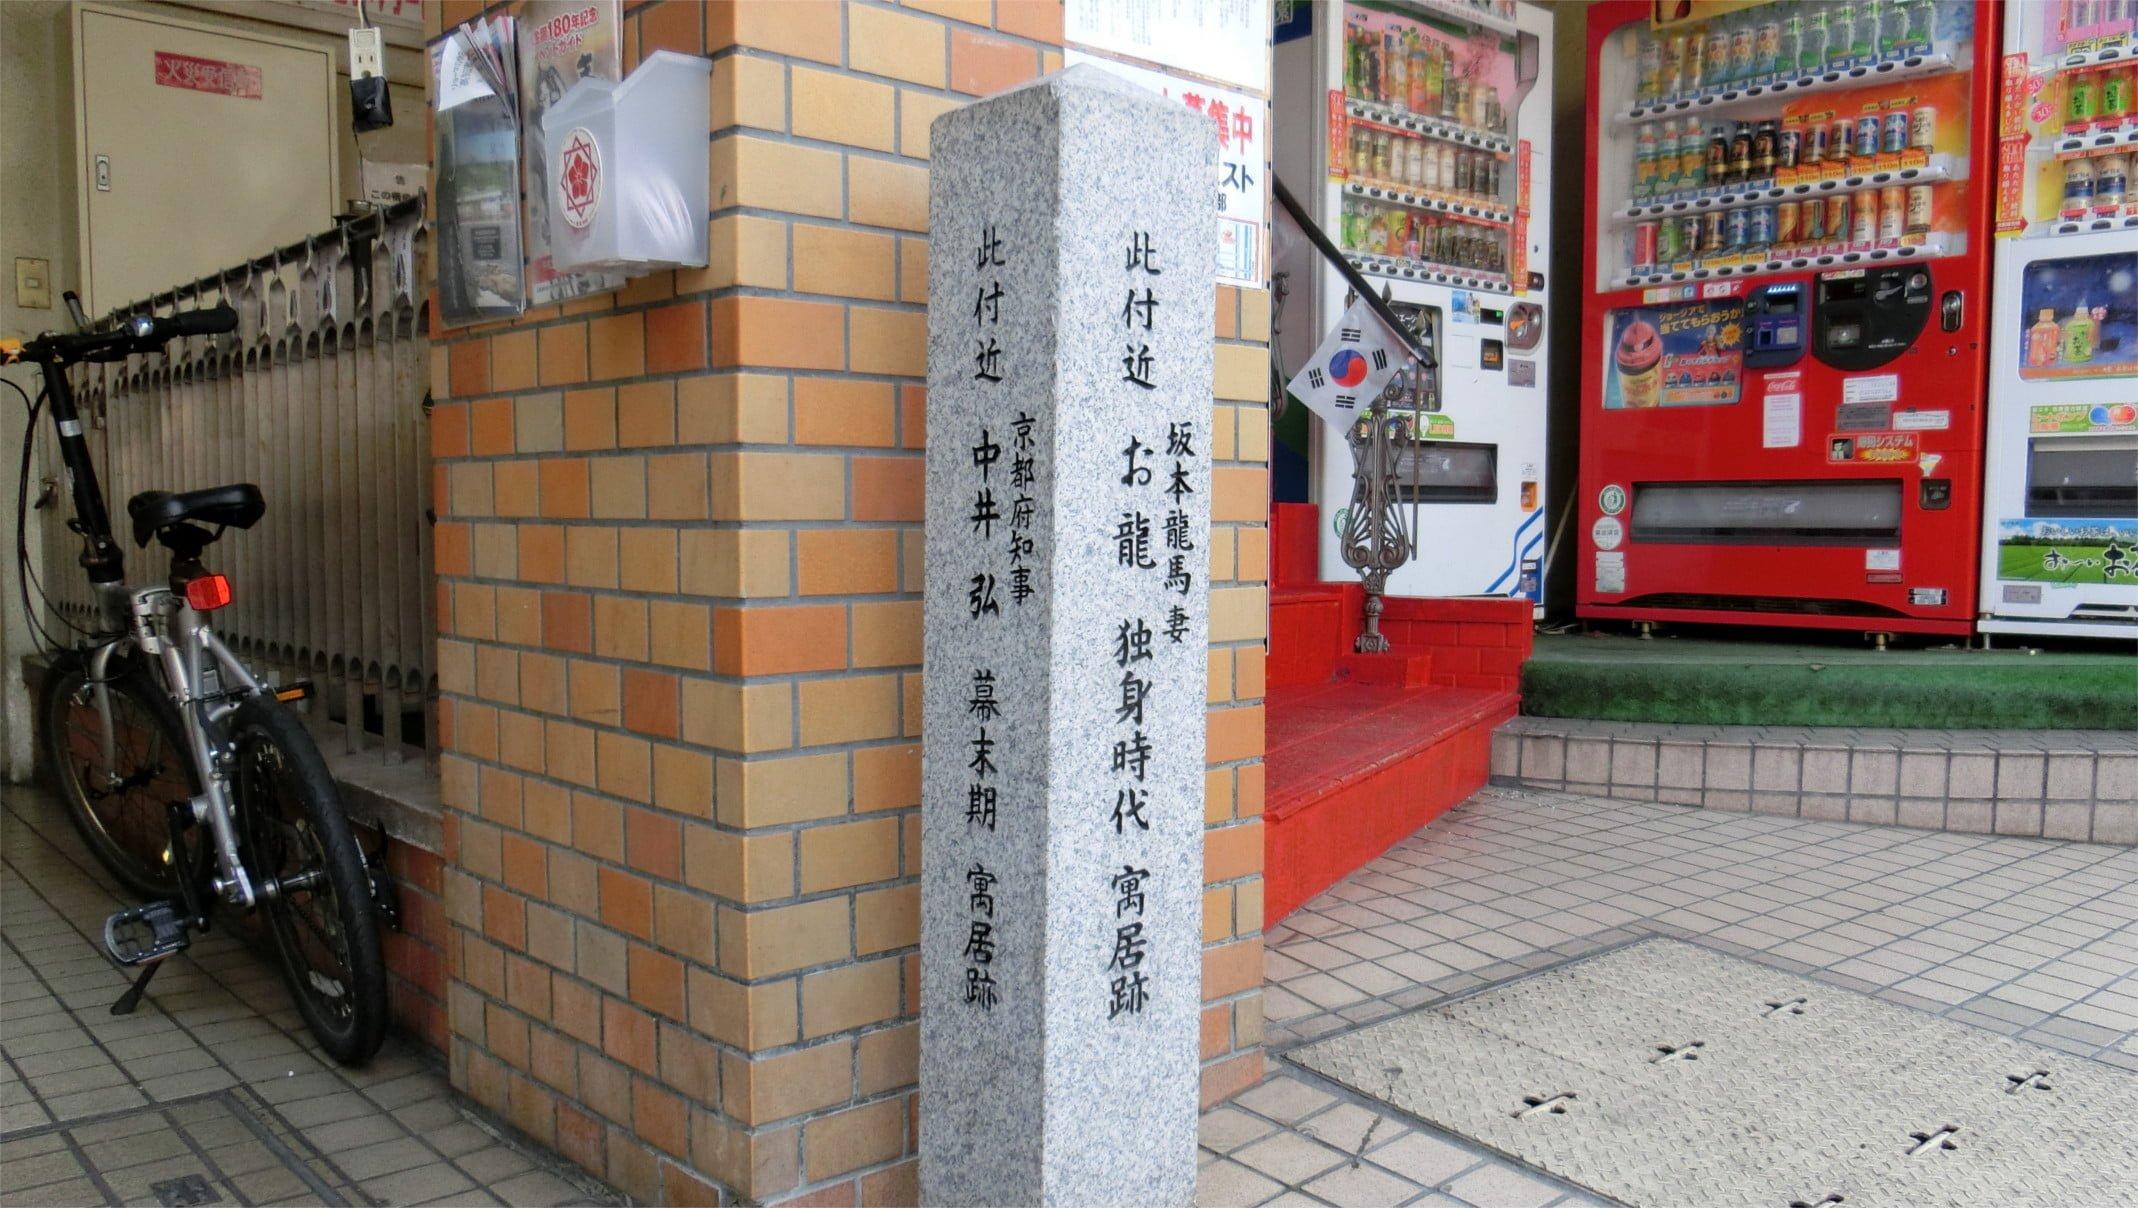 坂本龍馬妻お龍・中井弘寓居跡